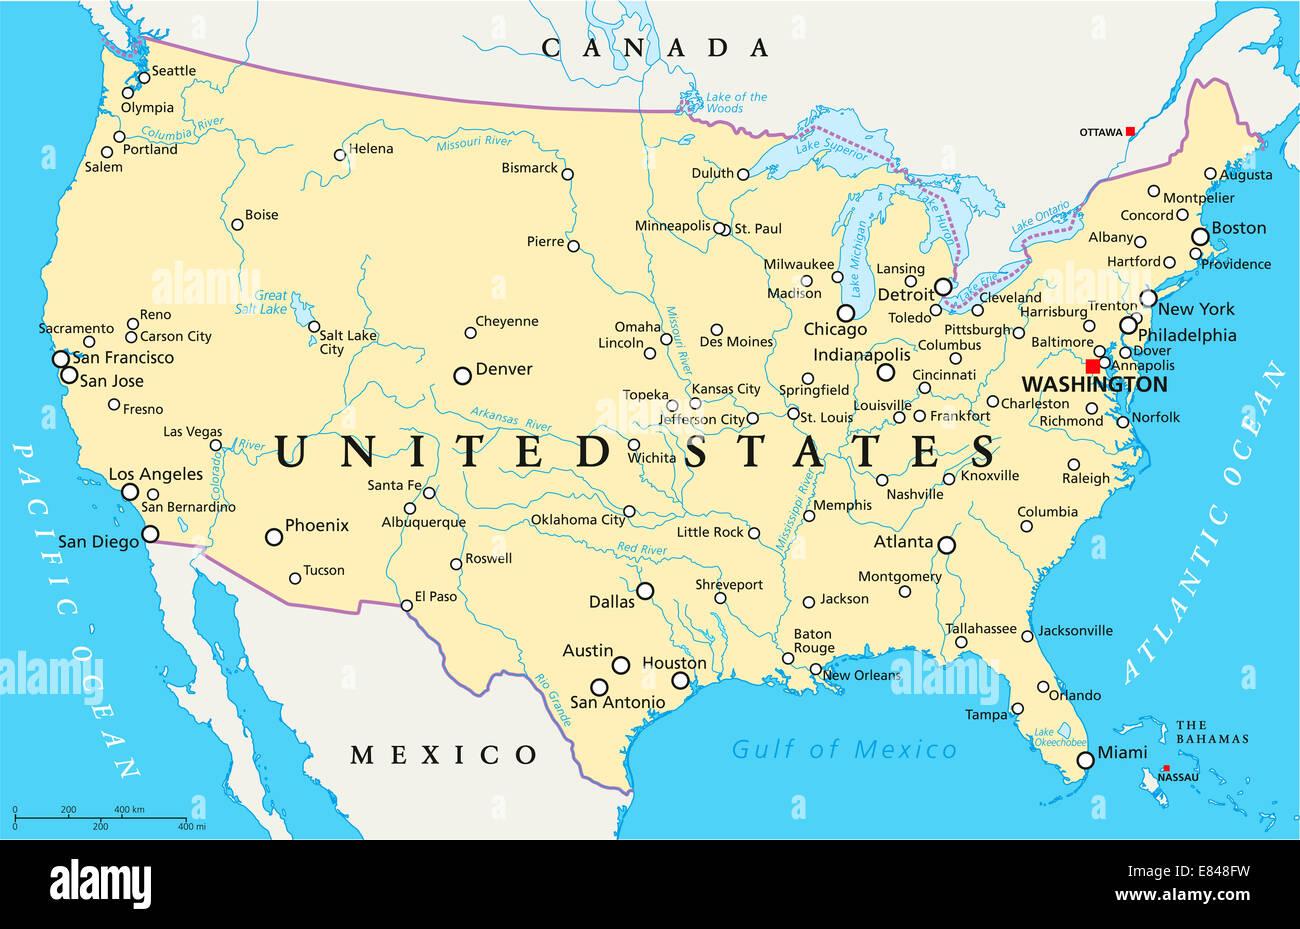 Mapa Politico Estados Unidos.Estados Unidos De America Mapa Politico Foto Imagen De